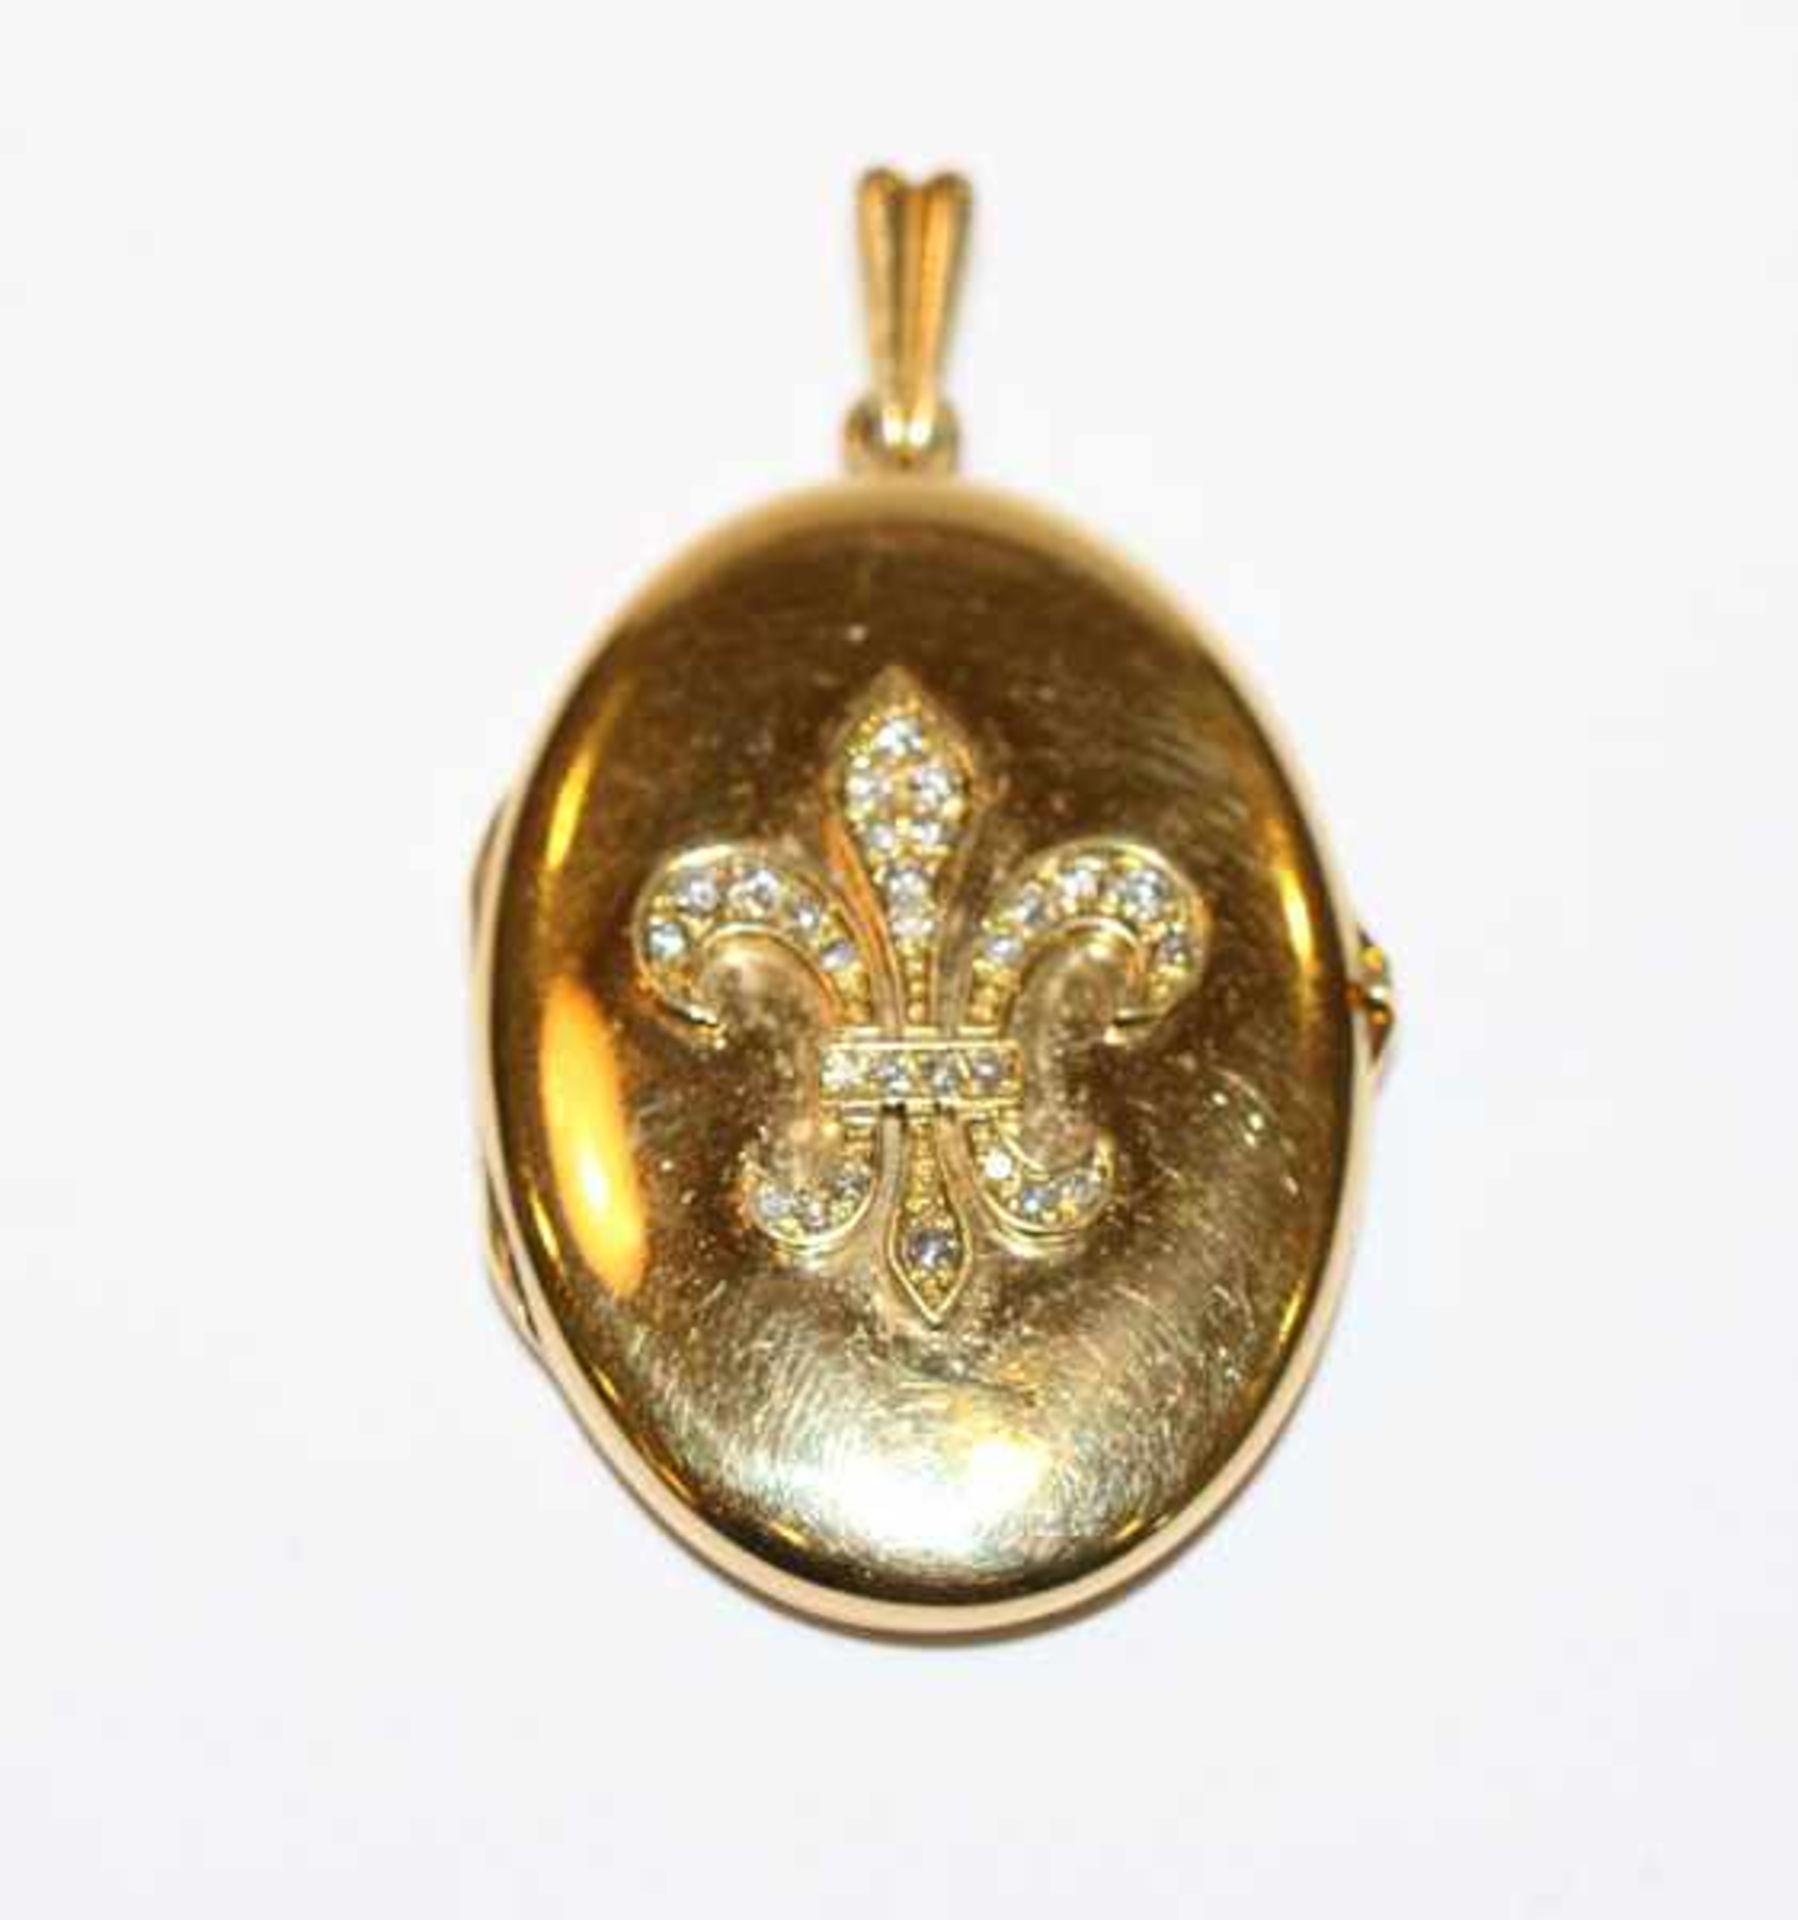 18 k Gelbgold Medaillon-Anhänger in ovaler Form, Vorderseite mit reliefierter Lilie und 28 Diamanten